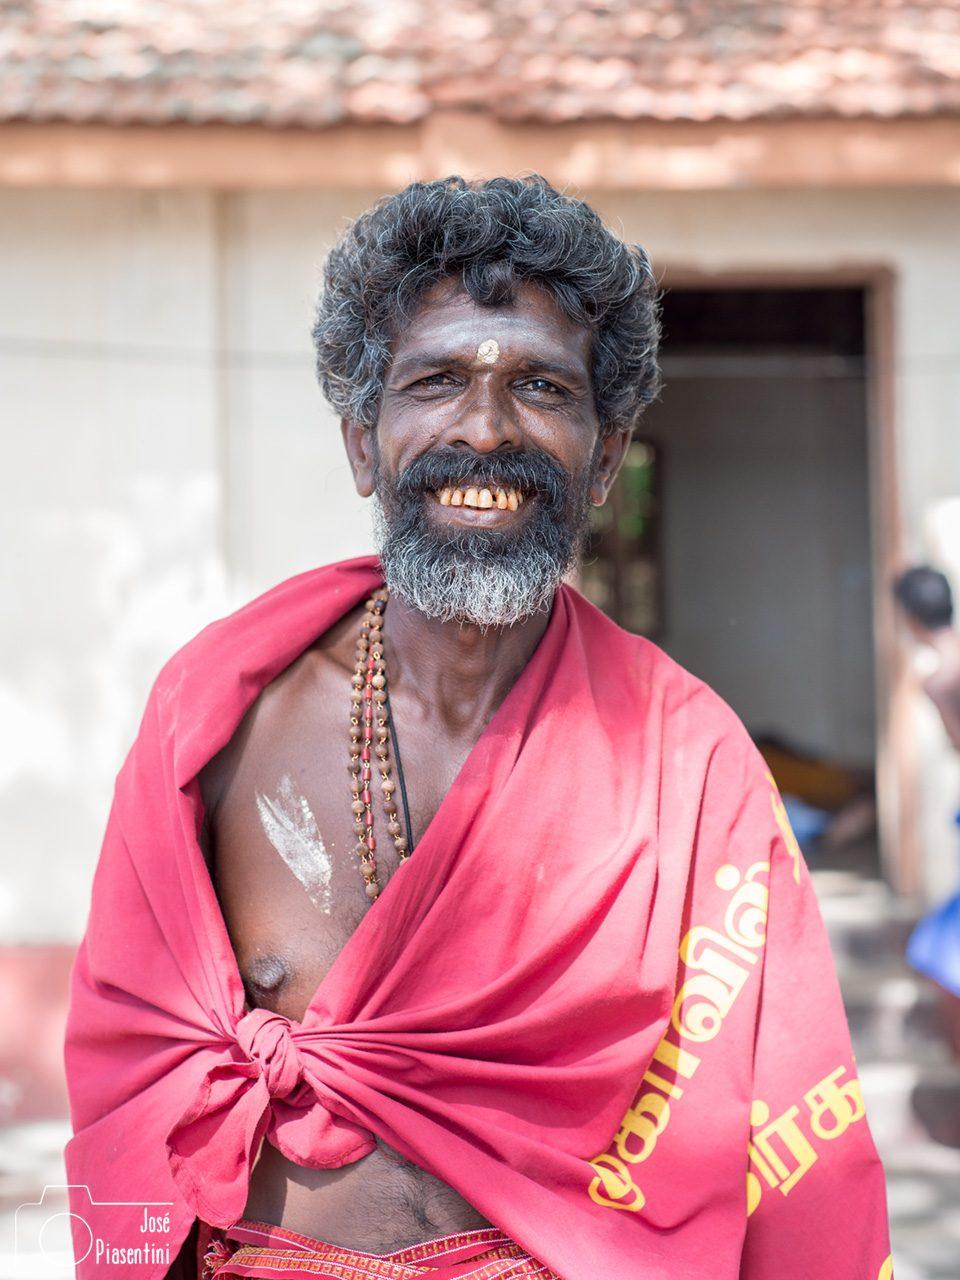 Fotografias de Sri Lanka y su gente